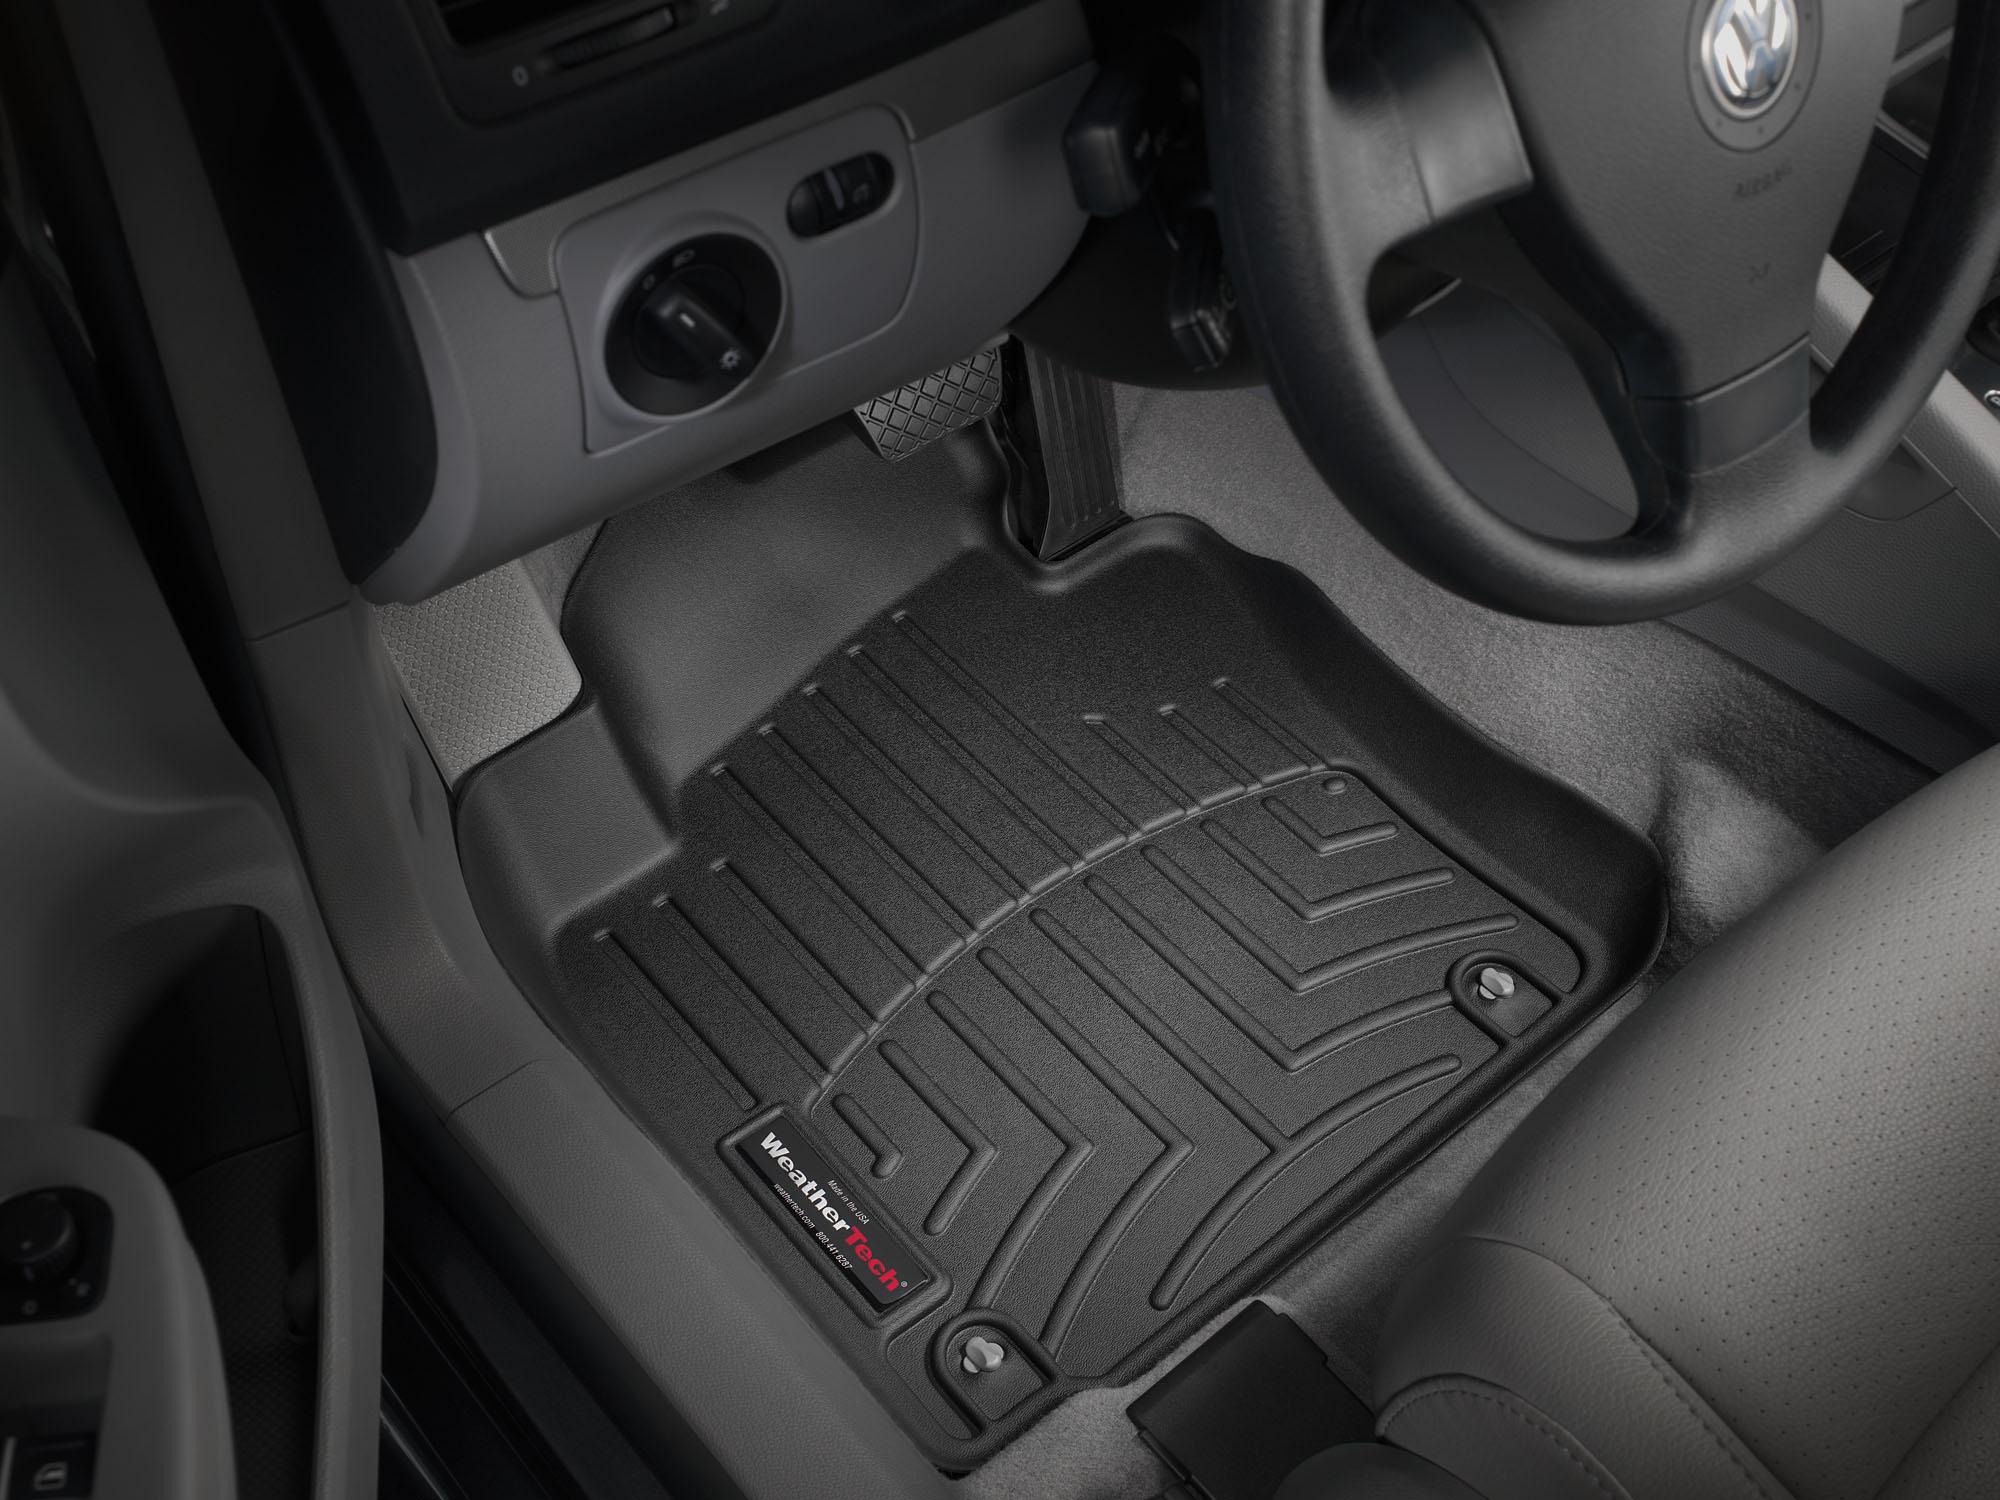 Tappeti gomma su misura bordo alto Volkswagen Eos 07>08 Nero A4009*